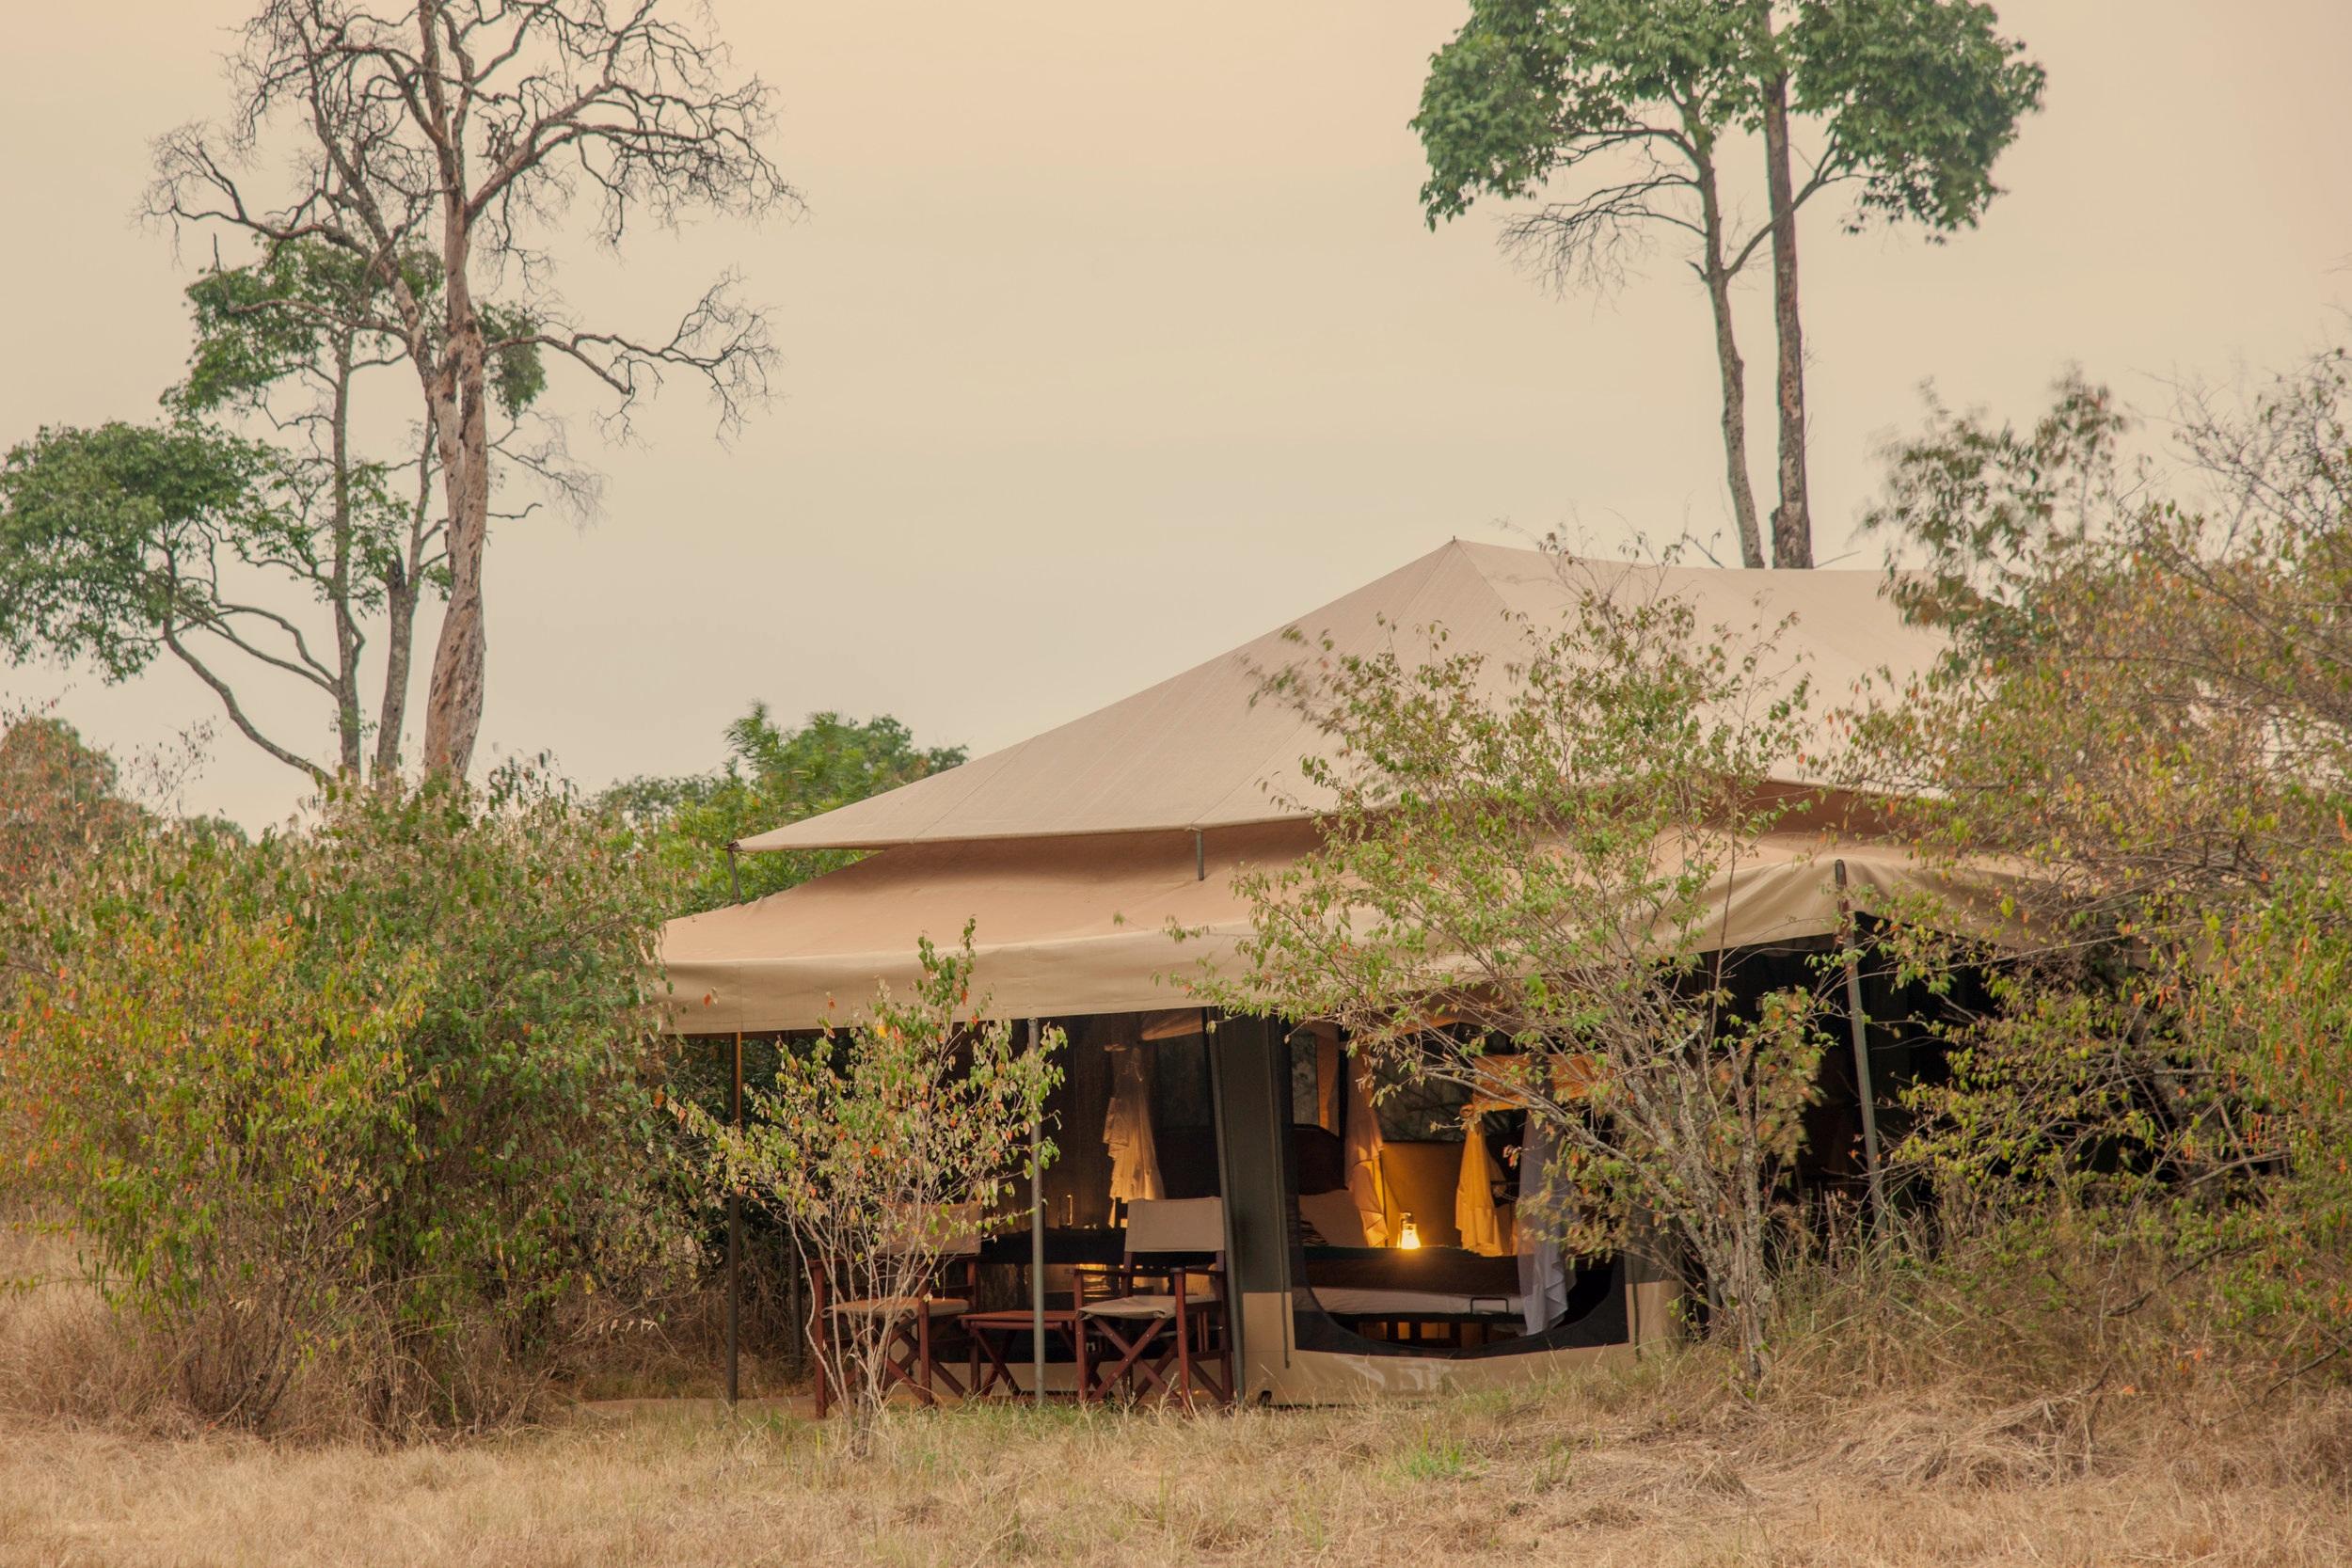 elewana portfolio - acacia migration camp